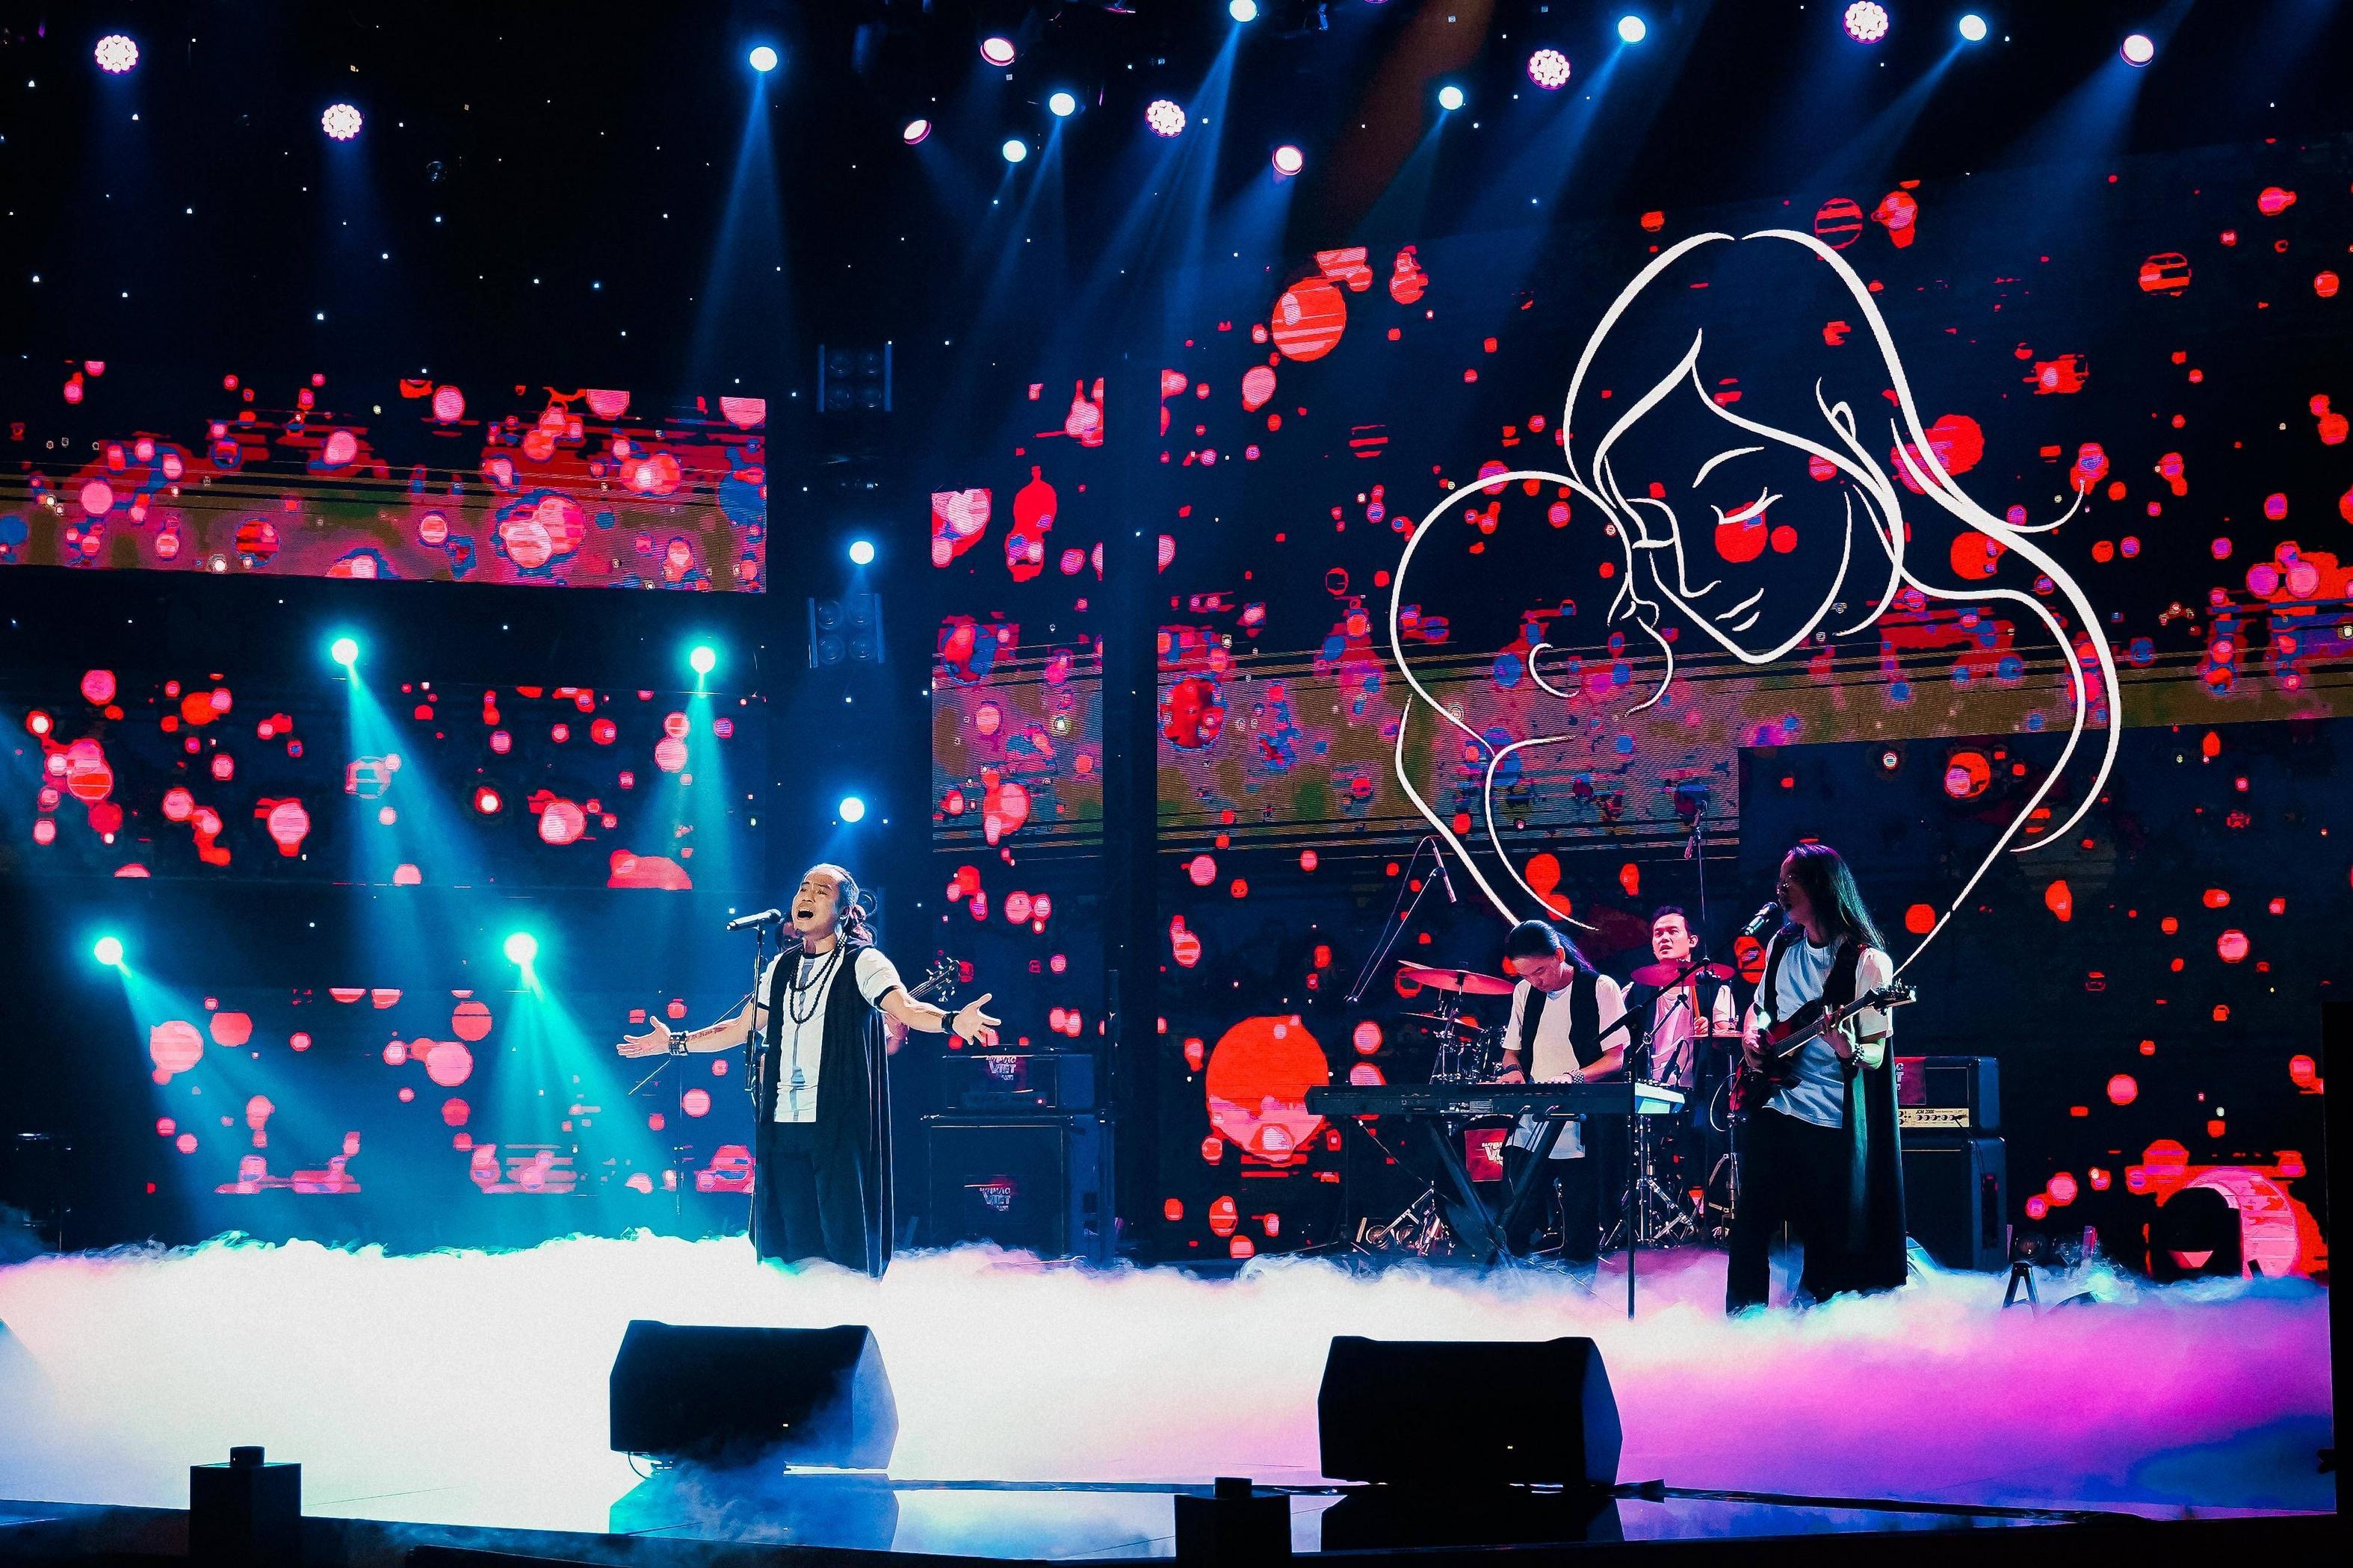 Nguyễn Hải Phong tiếp tục bị chê nhạt trong tập 11 Ban nhạc Việt - Hình 5